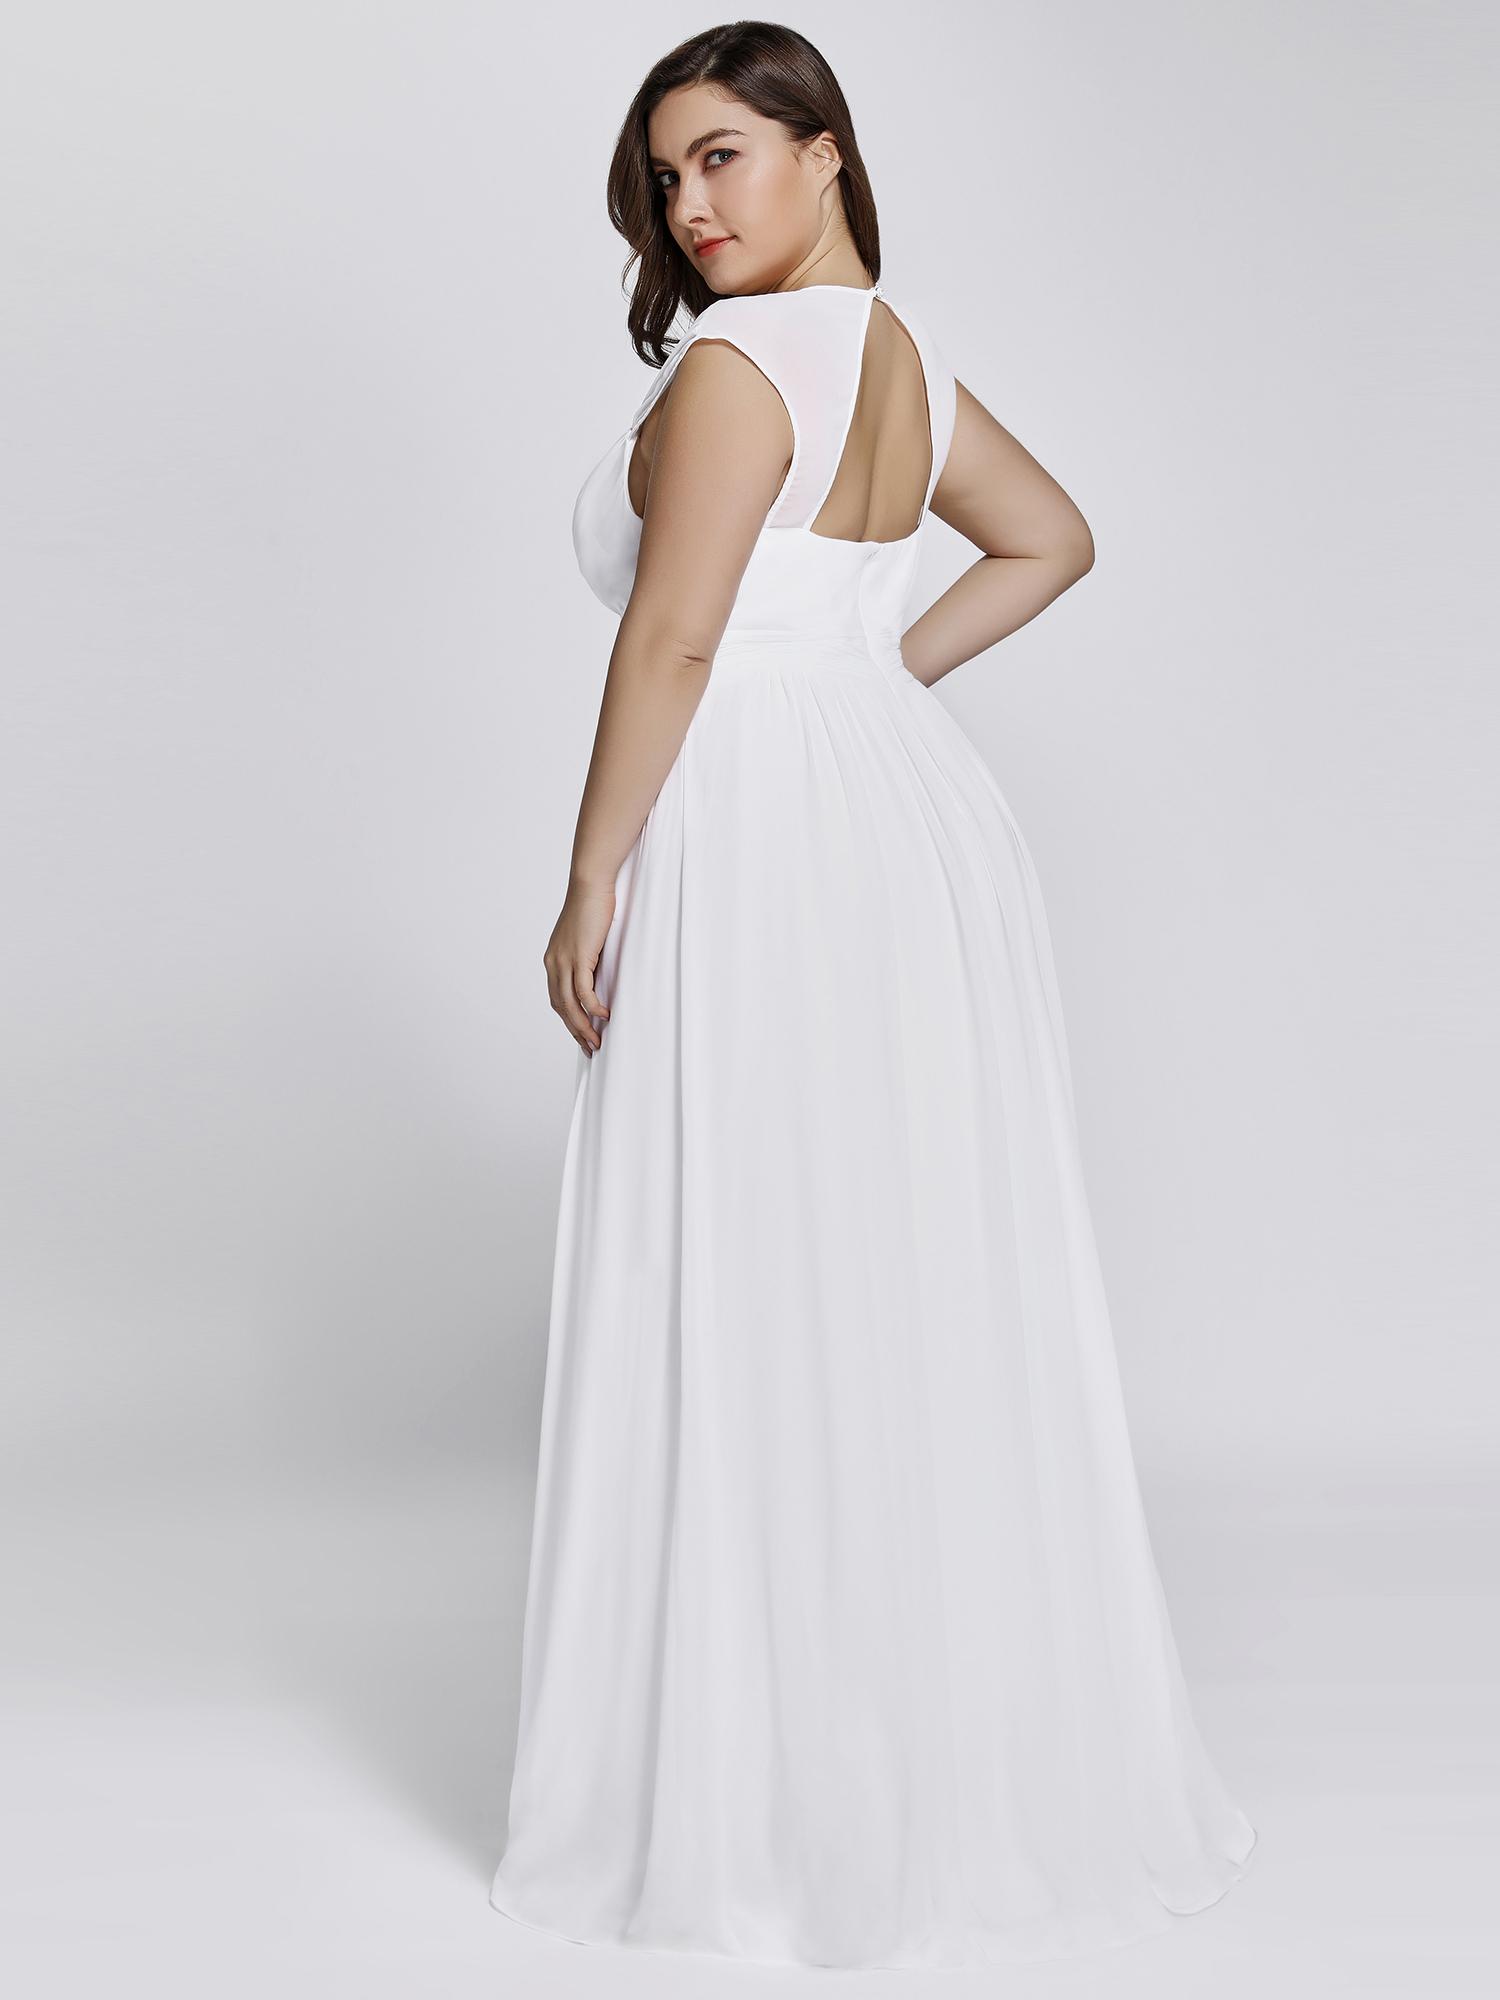 d493abb4f9e1 Bílé dlouhé svatební šaty ve stylu řecké bohyně 50 pro plnoštíhlé ...